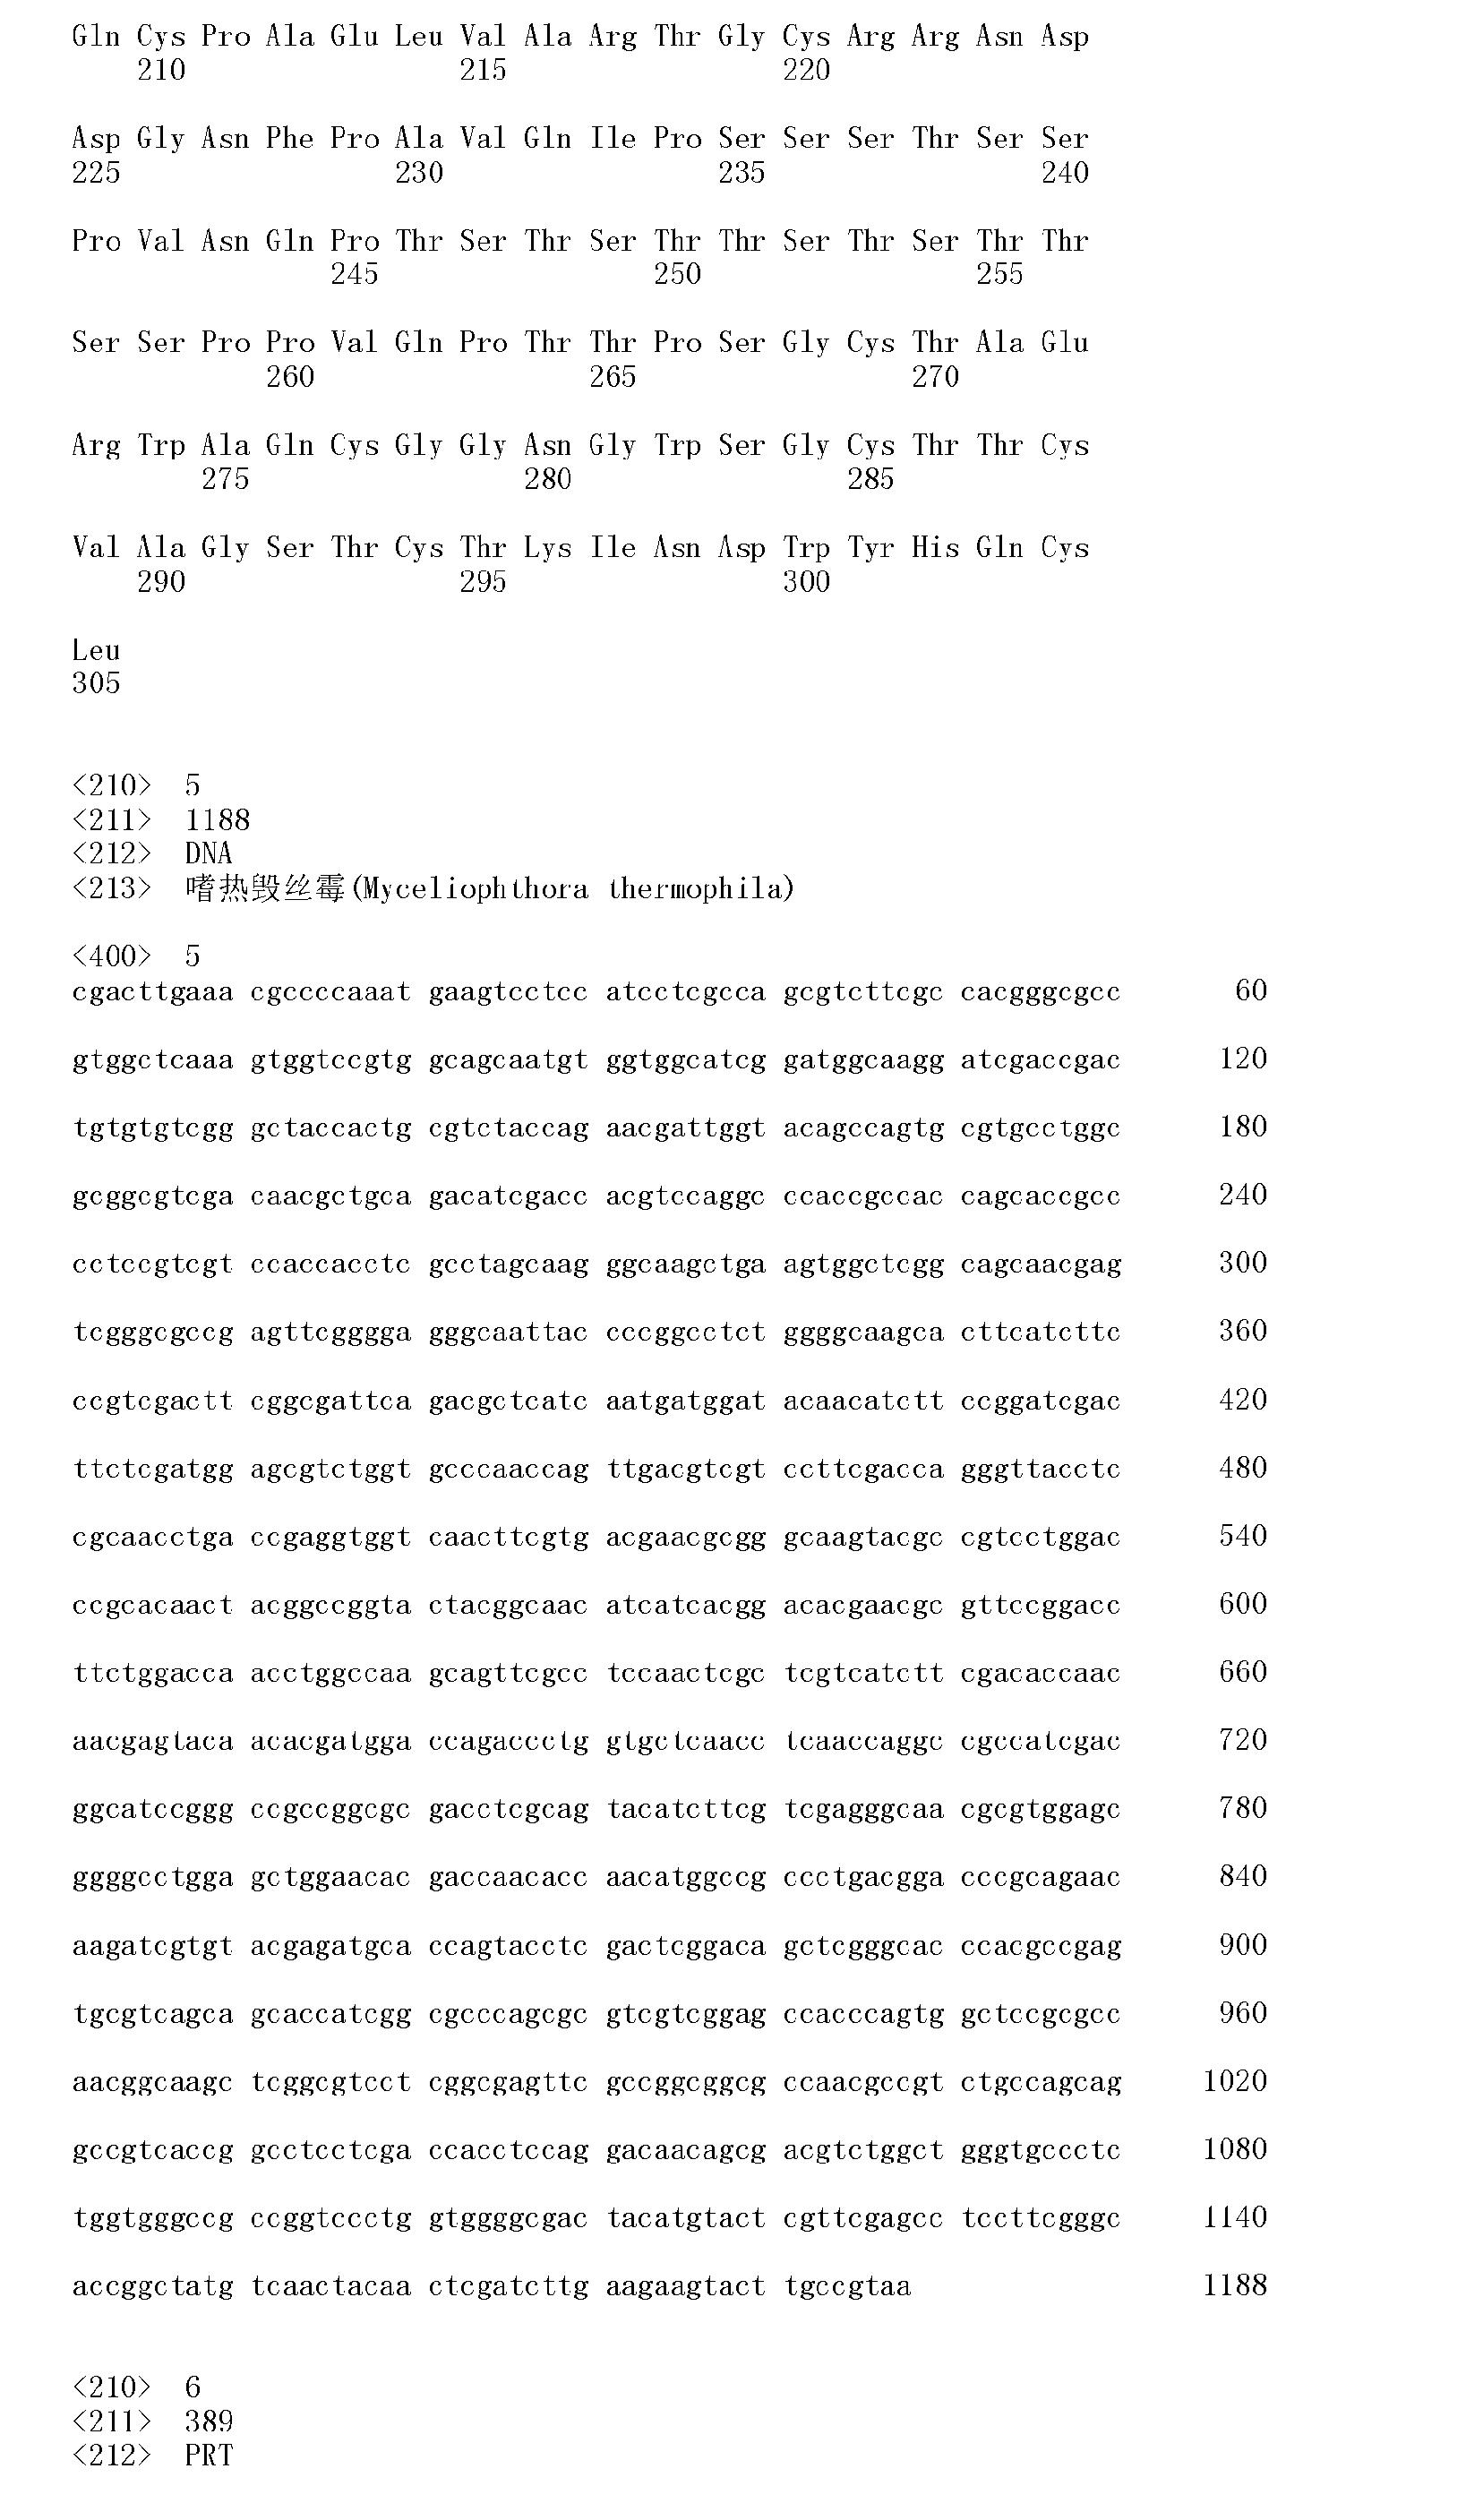 Figure CN102388134A00691